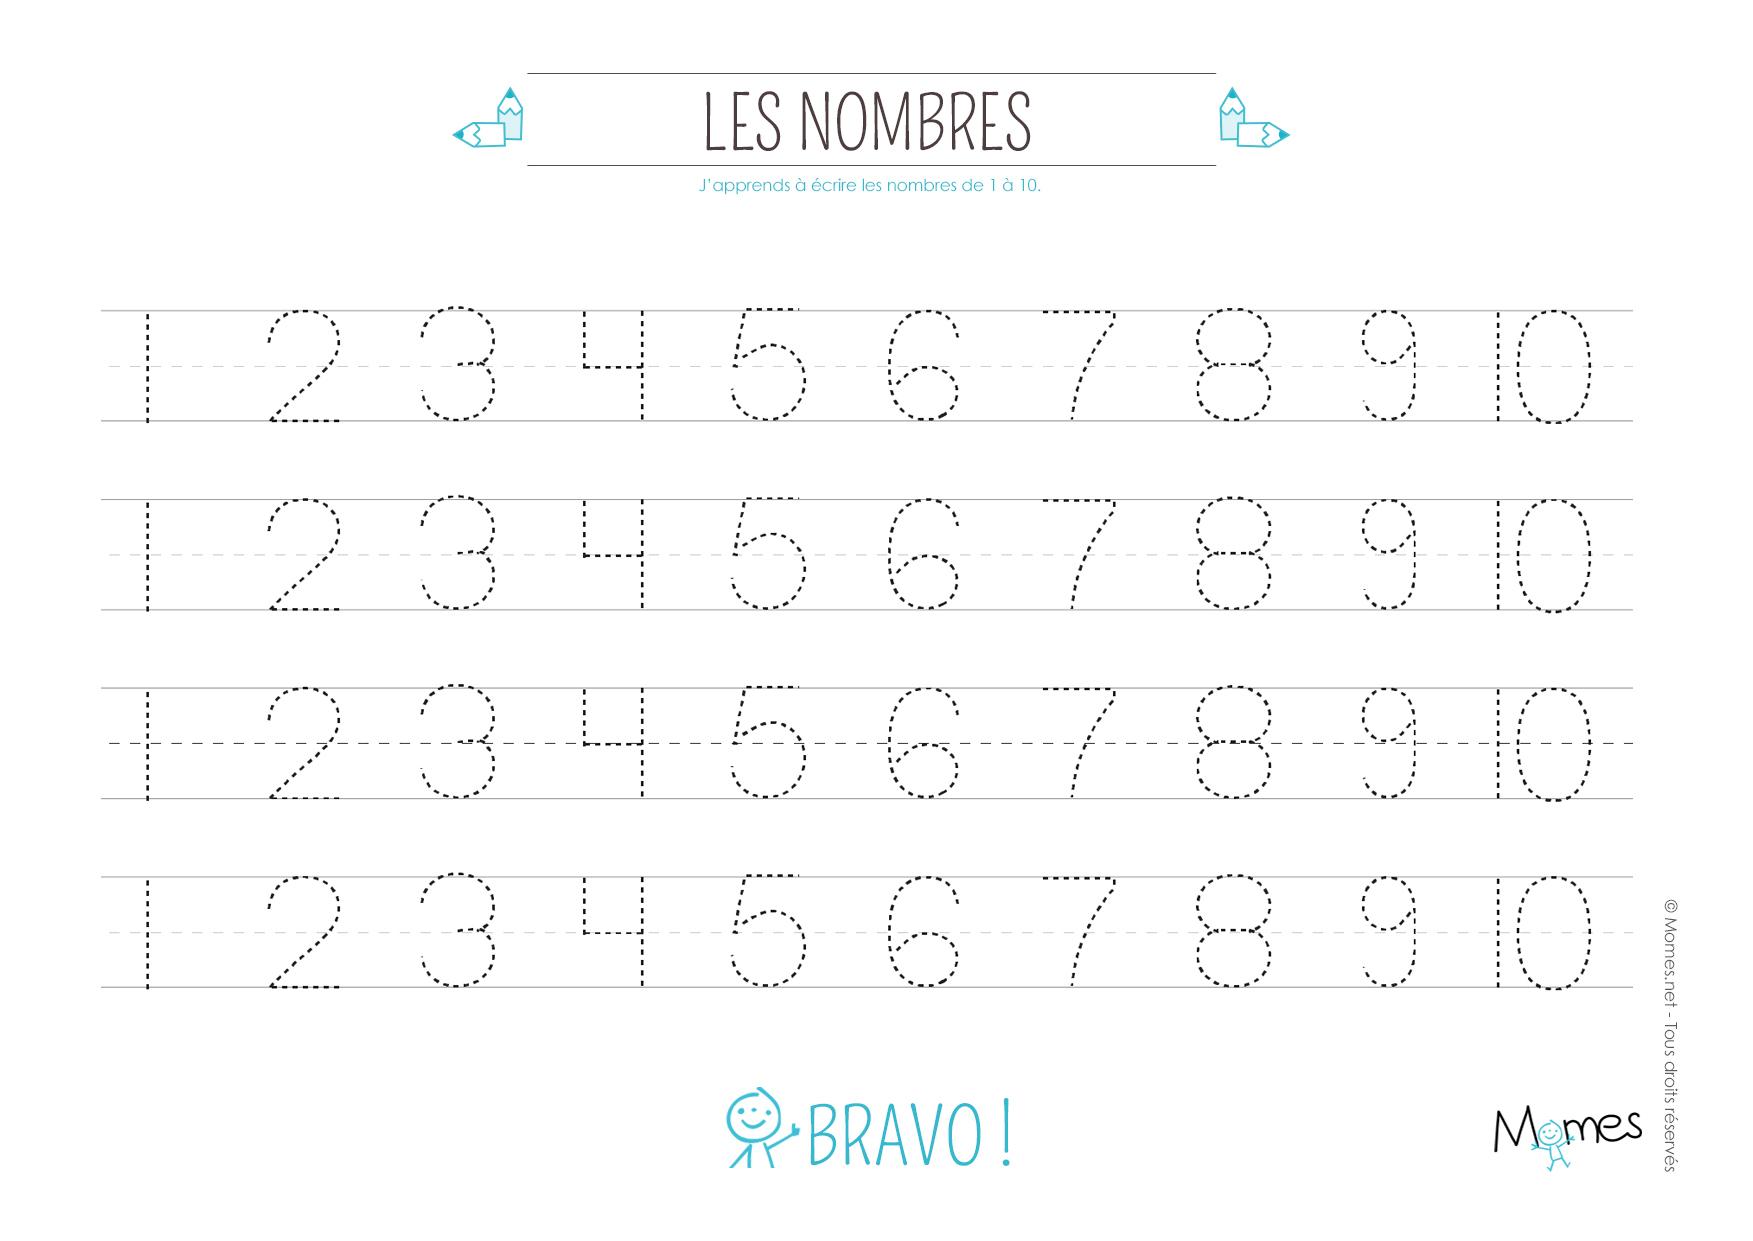 Apprendre À Tracer Les Nombres - Momes destiné Apprendre À Écrire Les Chiffres En Maternelle